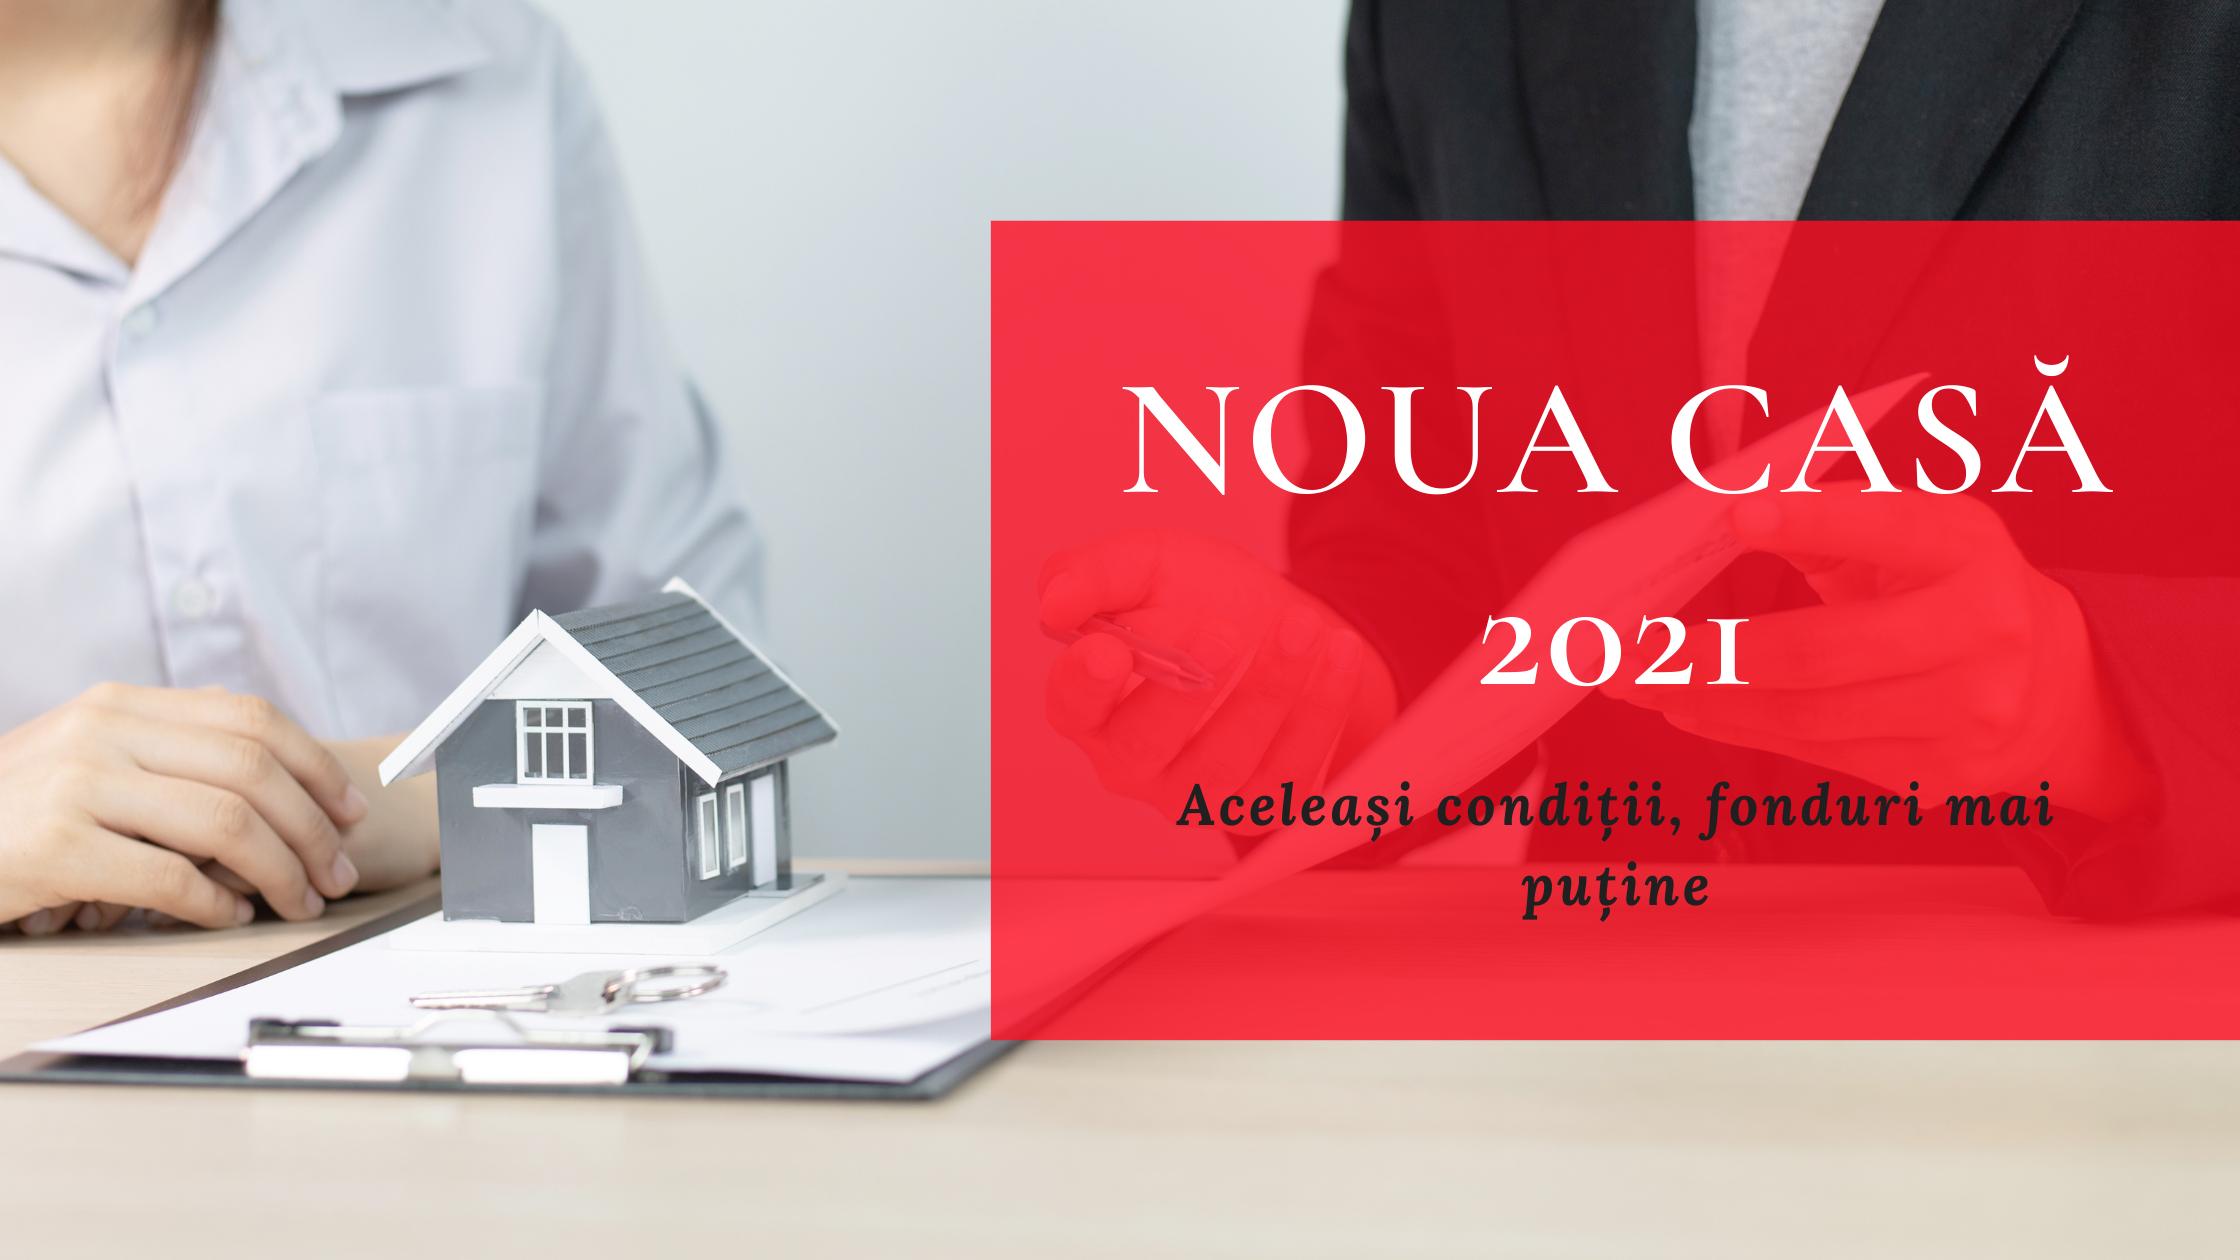 Noua Casă 2021: aceleași condiții, fonduri mai puține